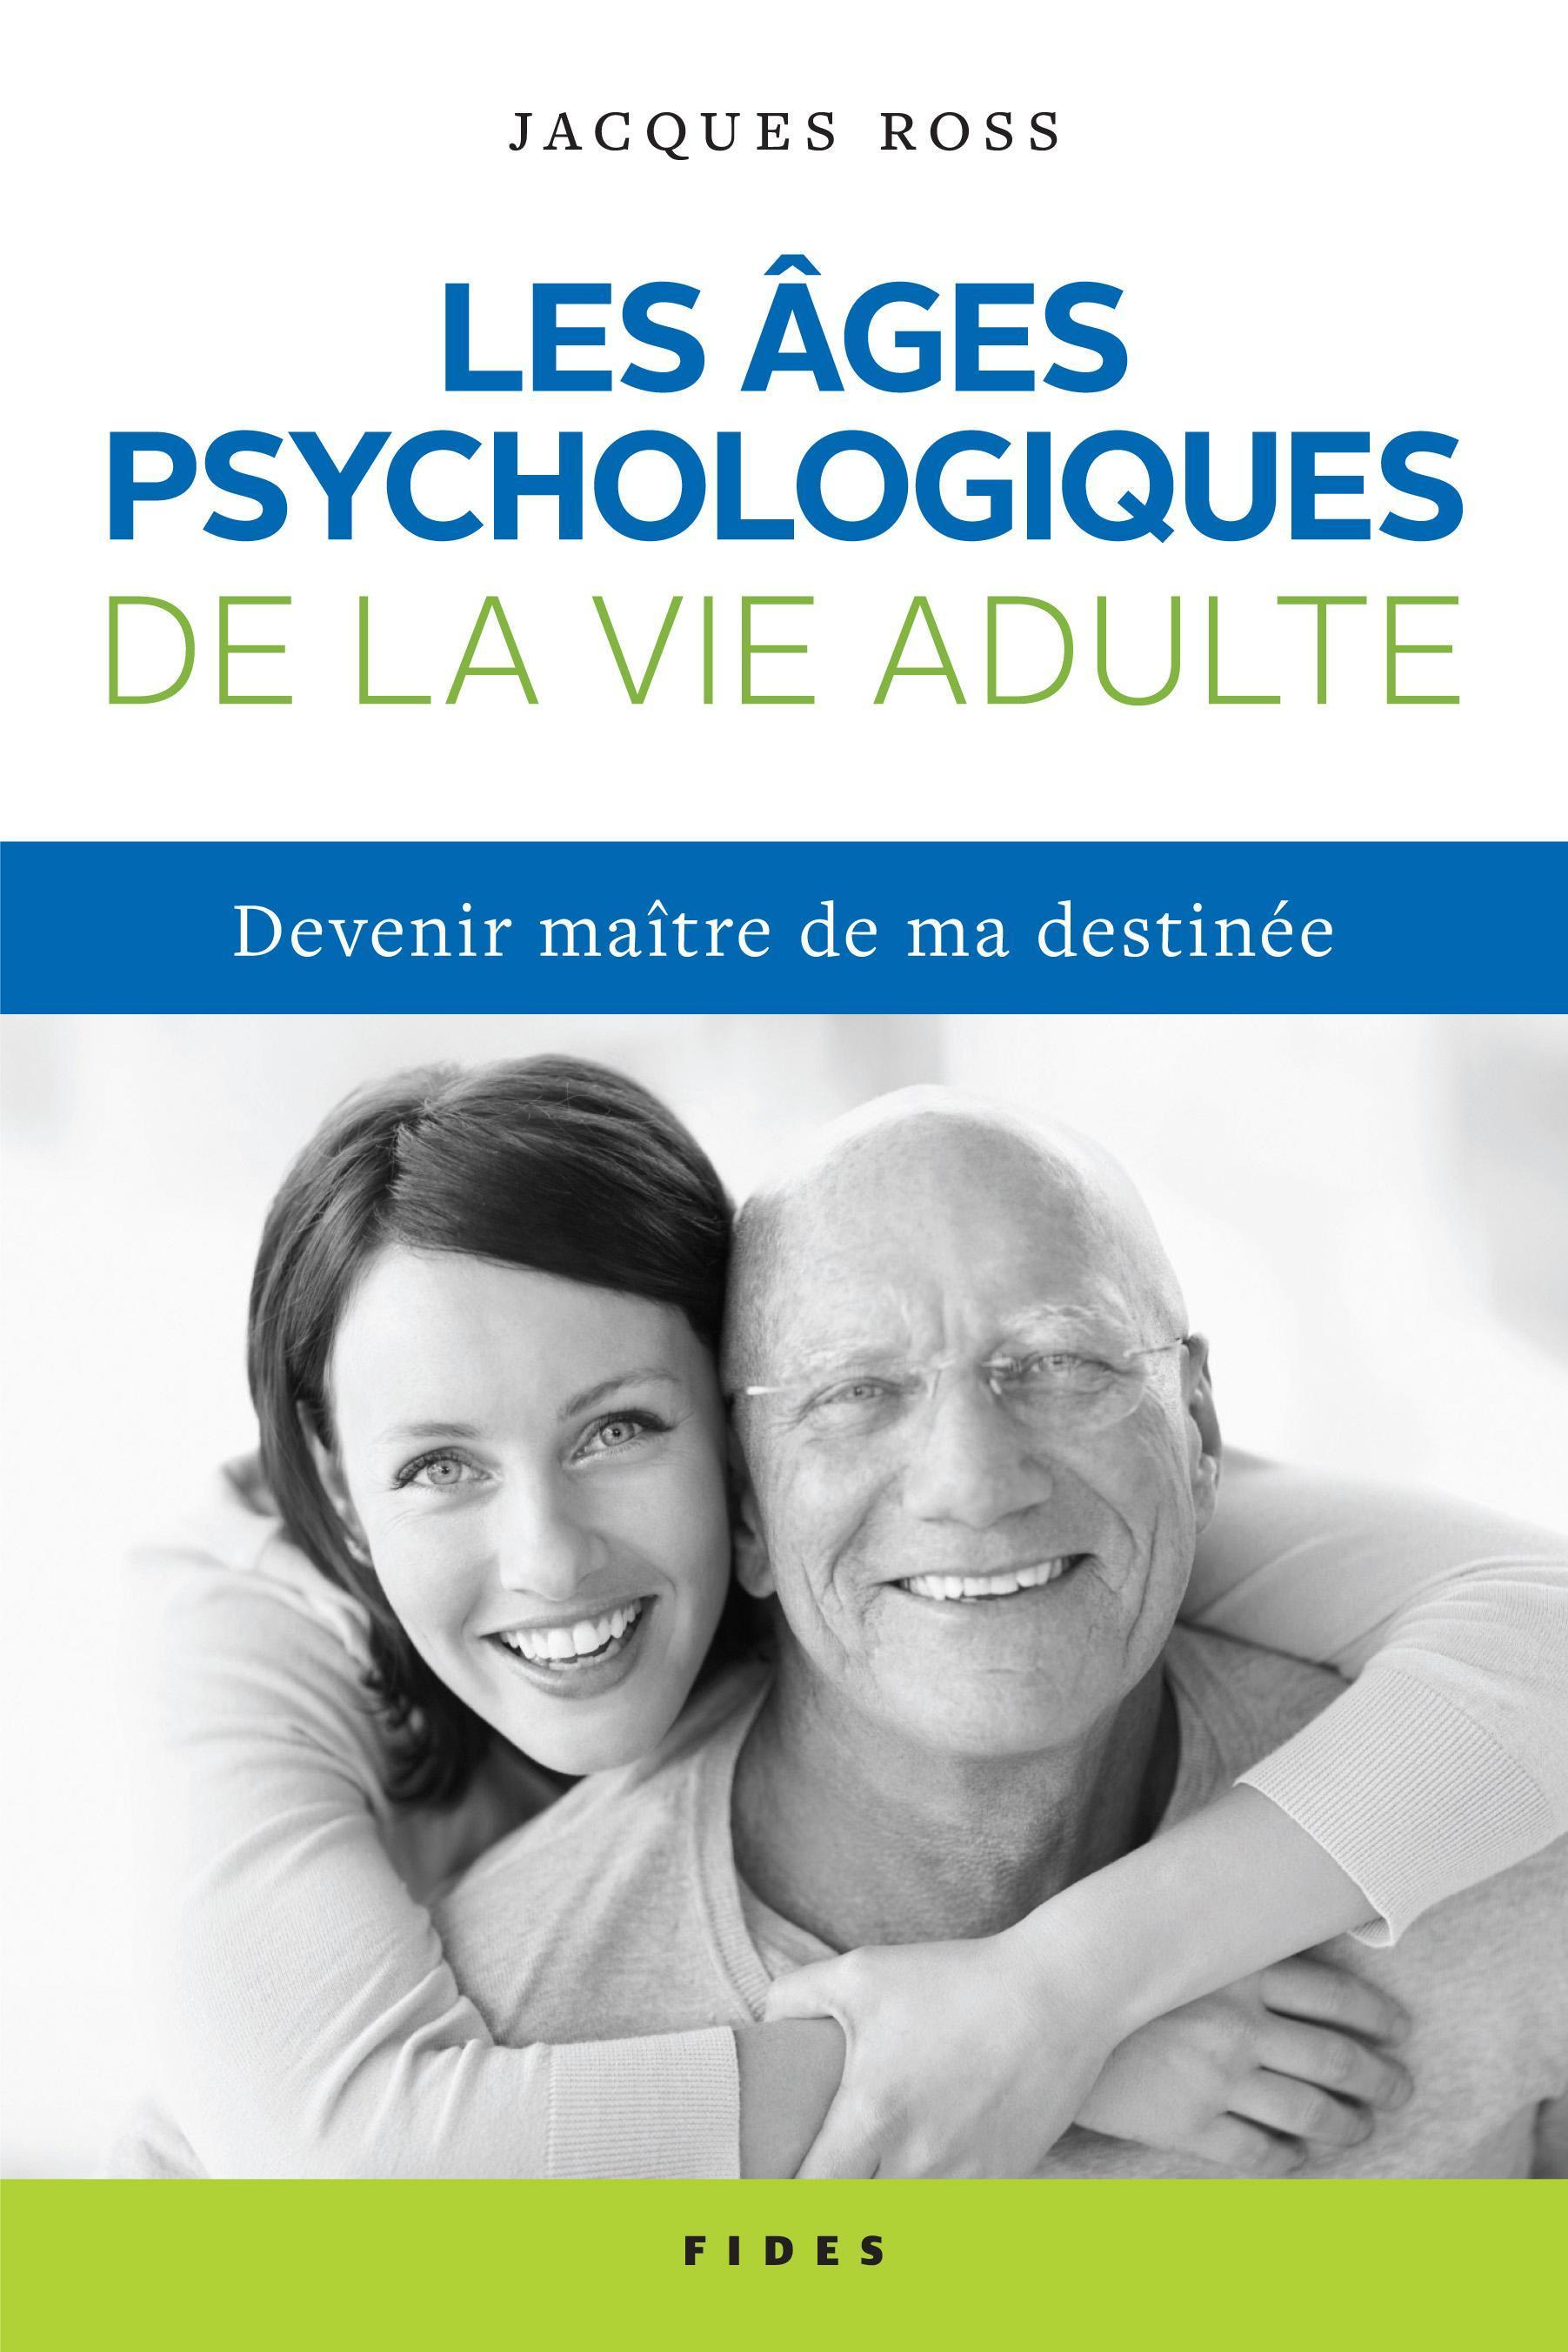 Les âges psychologiques de la vie adulte, Devenir maître de ma destinée